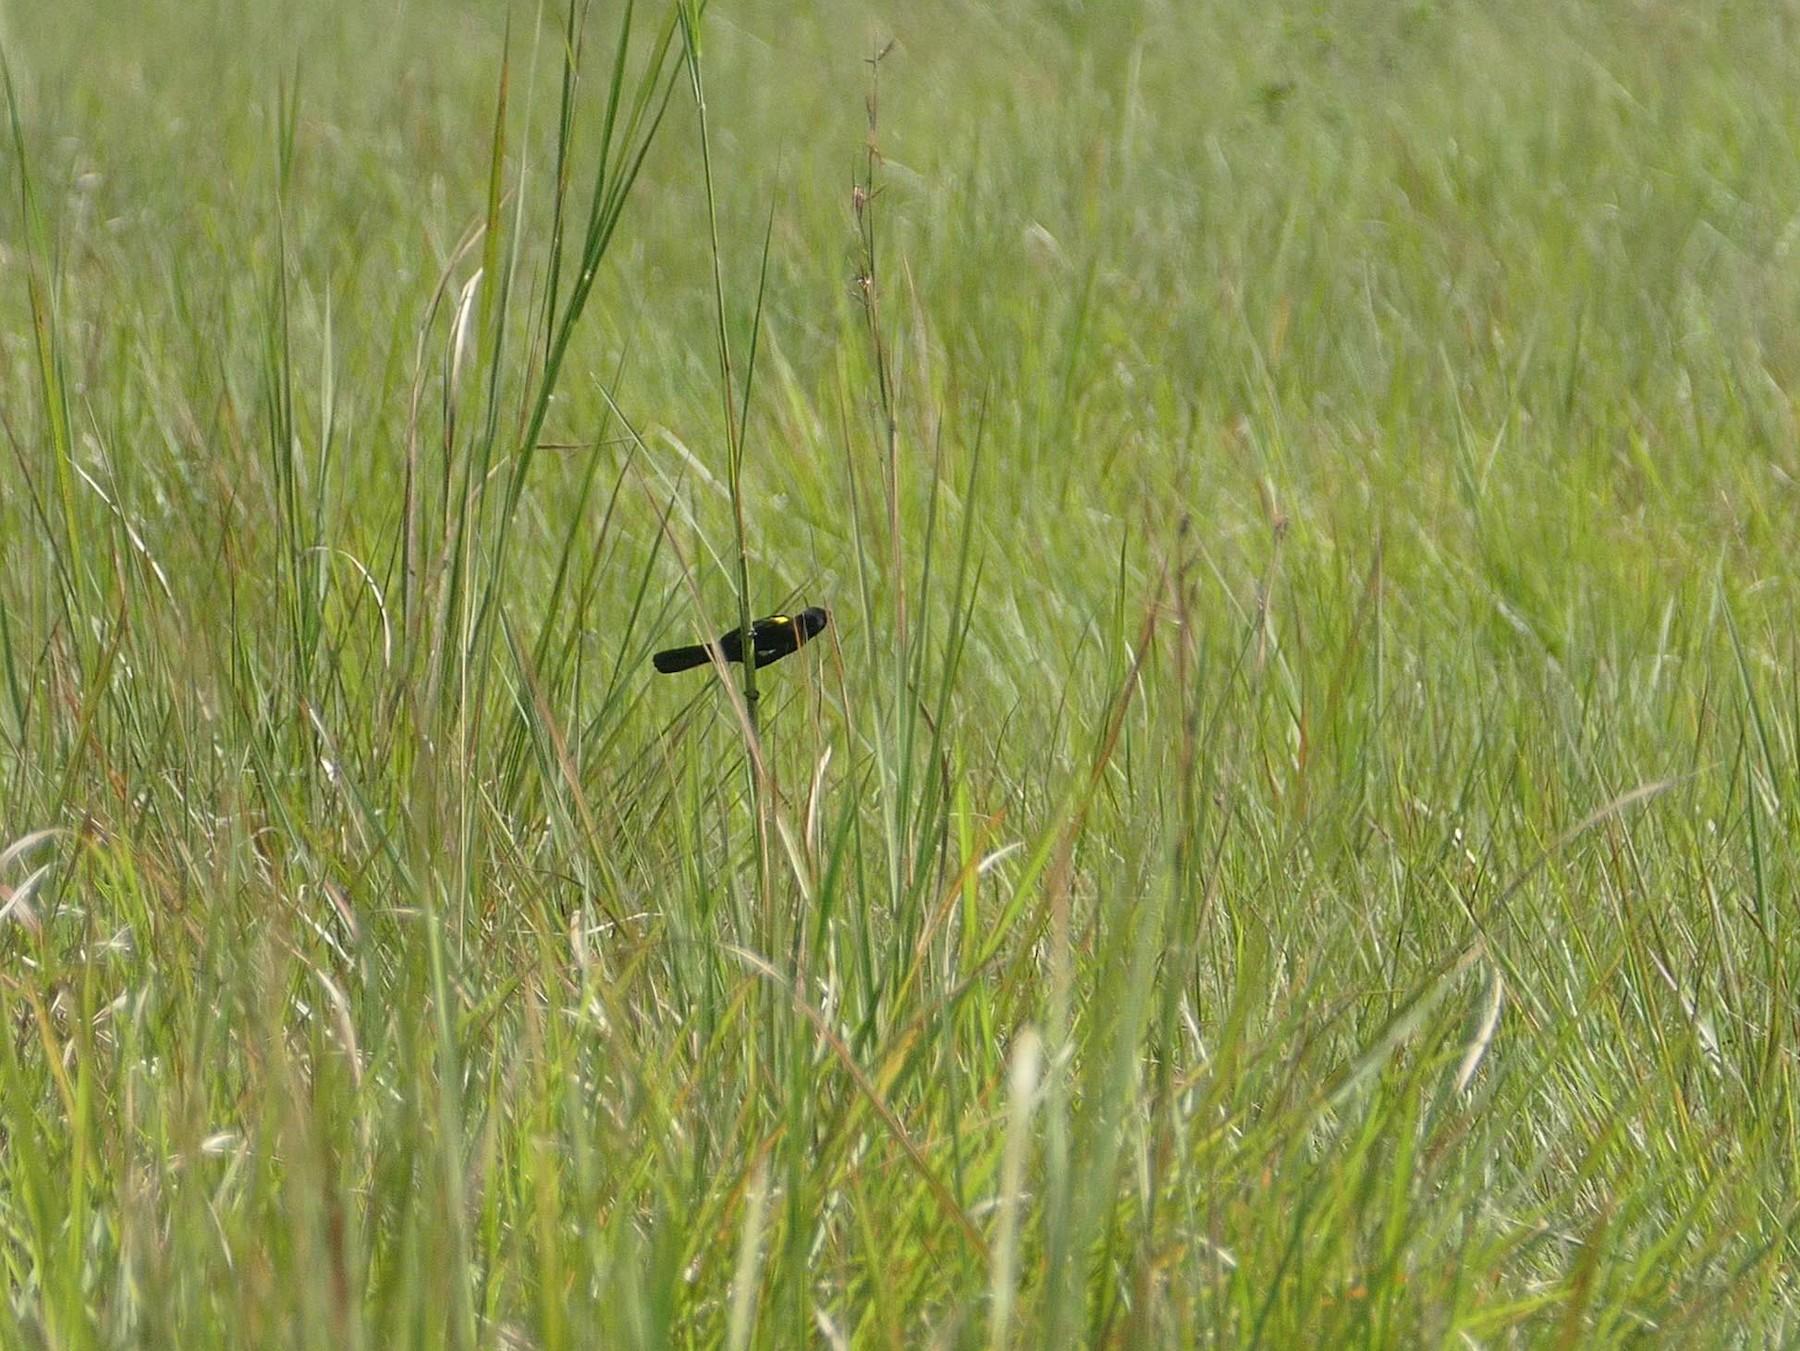 Yellow-mantled Widowbird - Randall Siebert